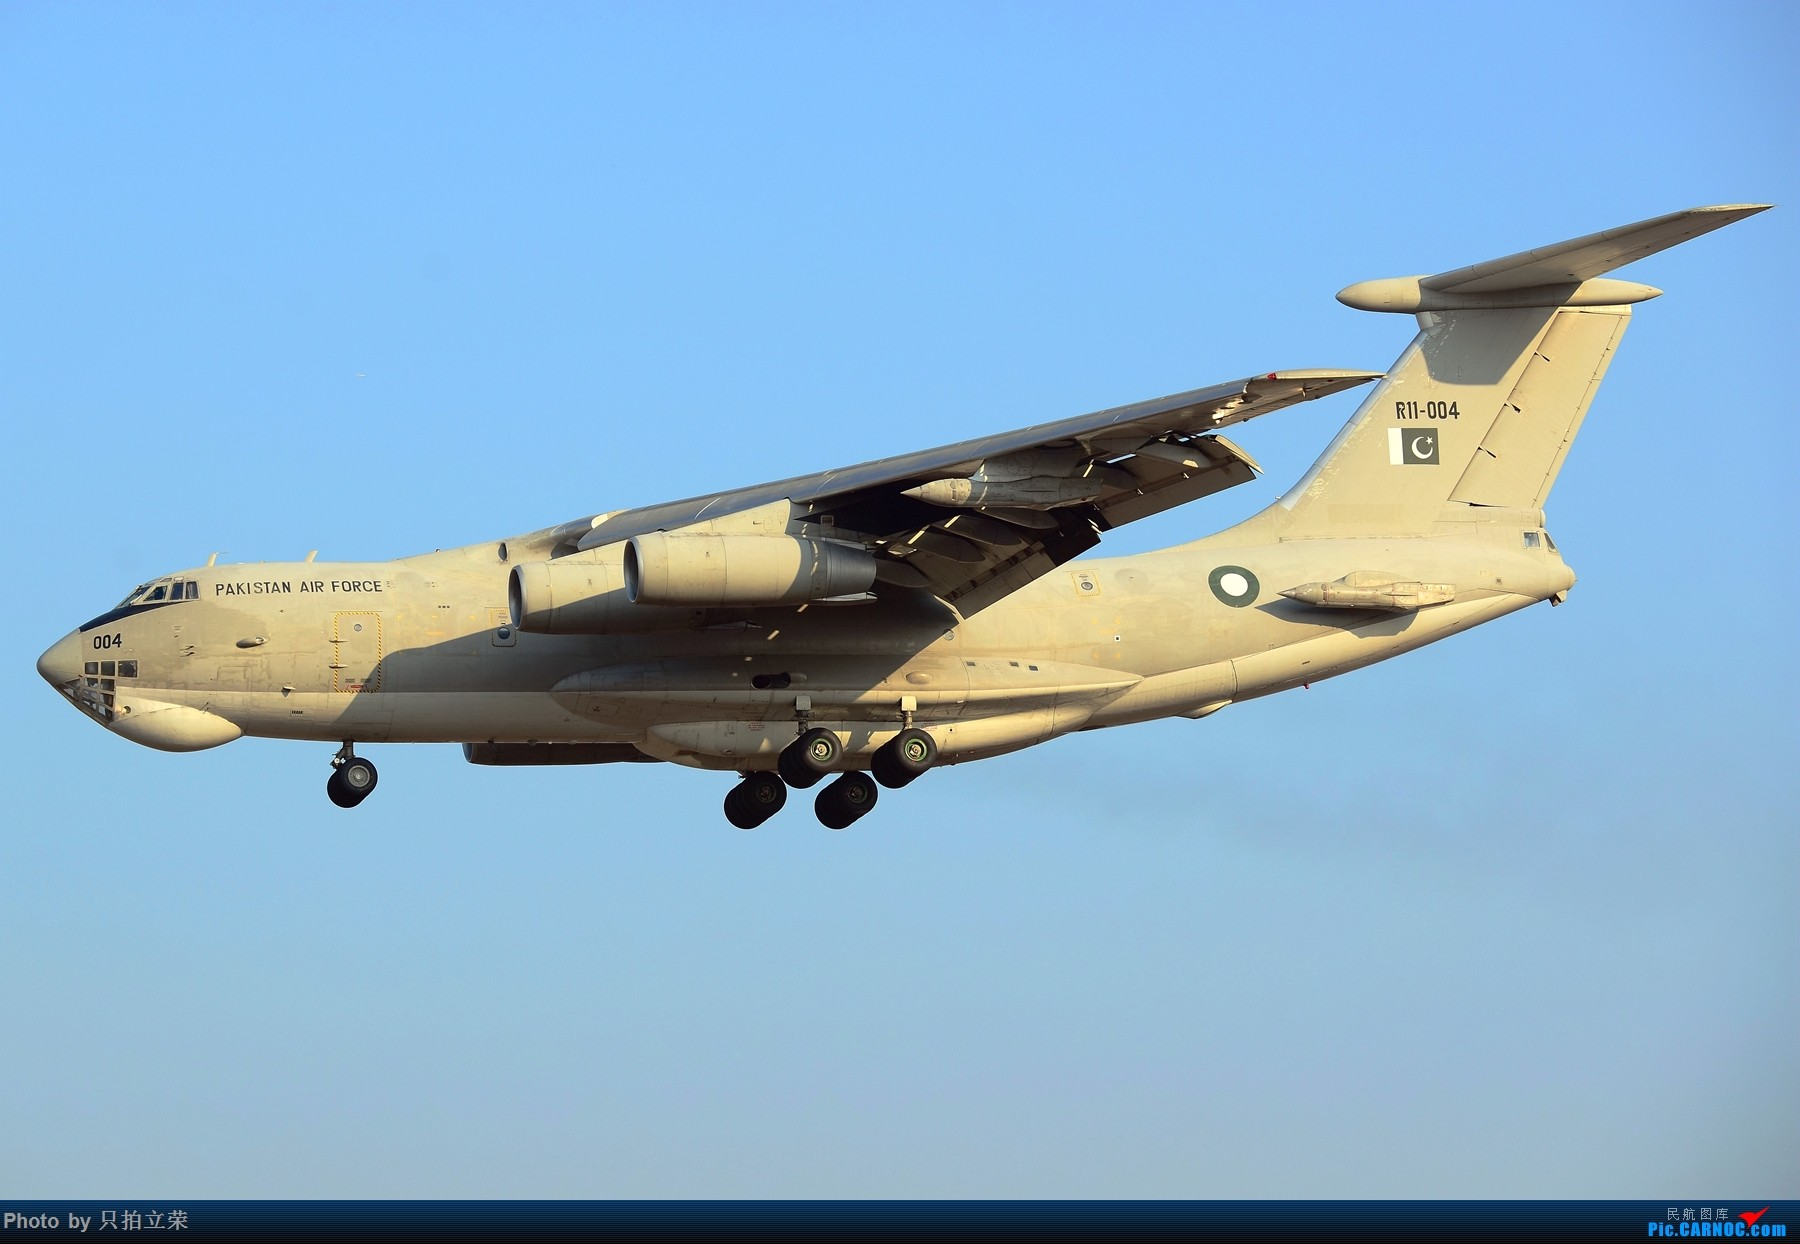 Re:[原创]湖南飞友会-难得好天气巴铁伊尔-78再访长沙! ILYUSHIN IL-78 R11-004 中国长沙黄花国际机场